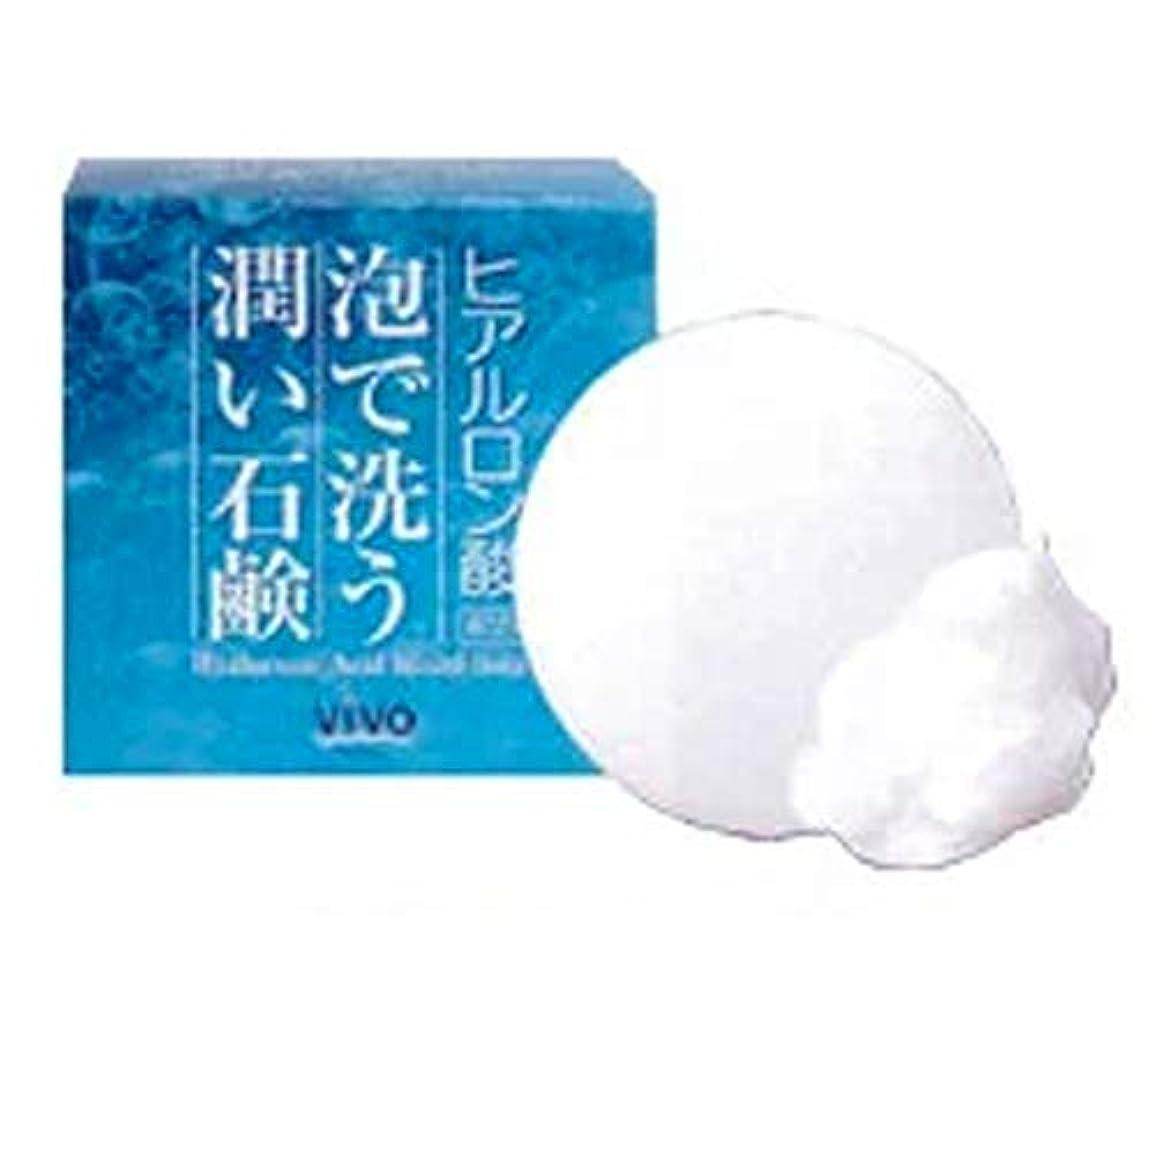 フレームワーク合意はがきBella Vivo ヒアルロン酸洗顔石鹸 3個セット